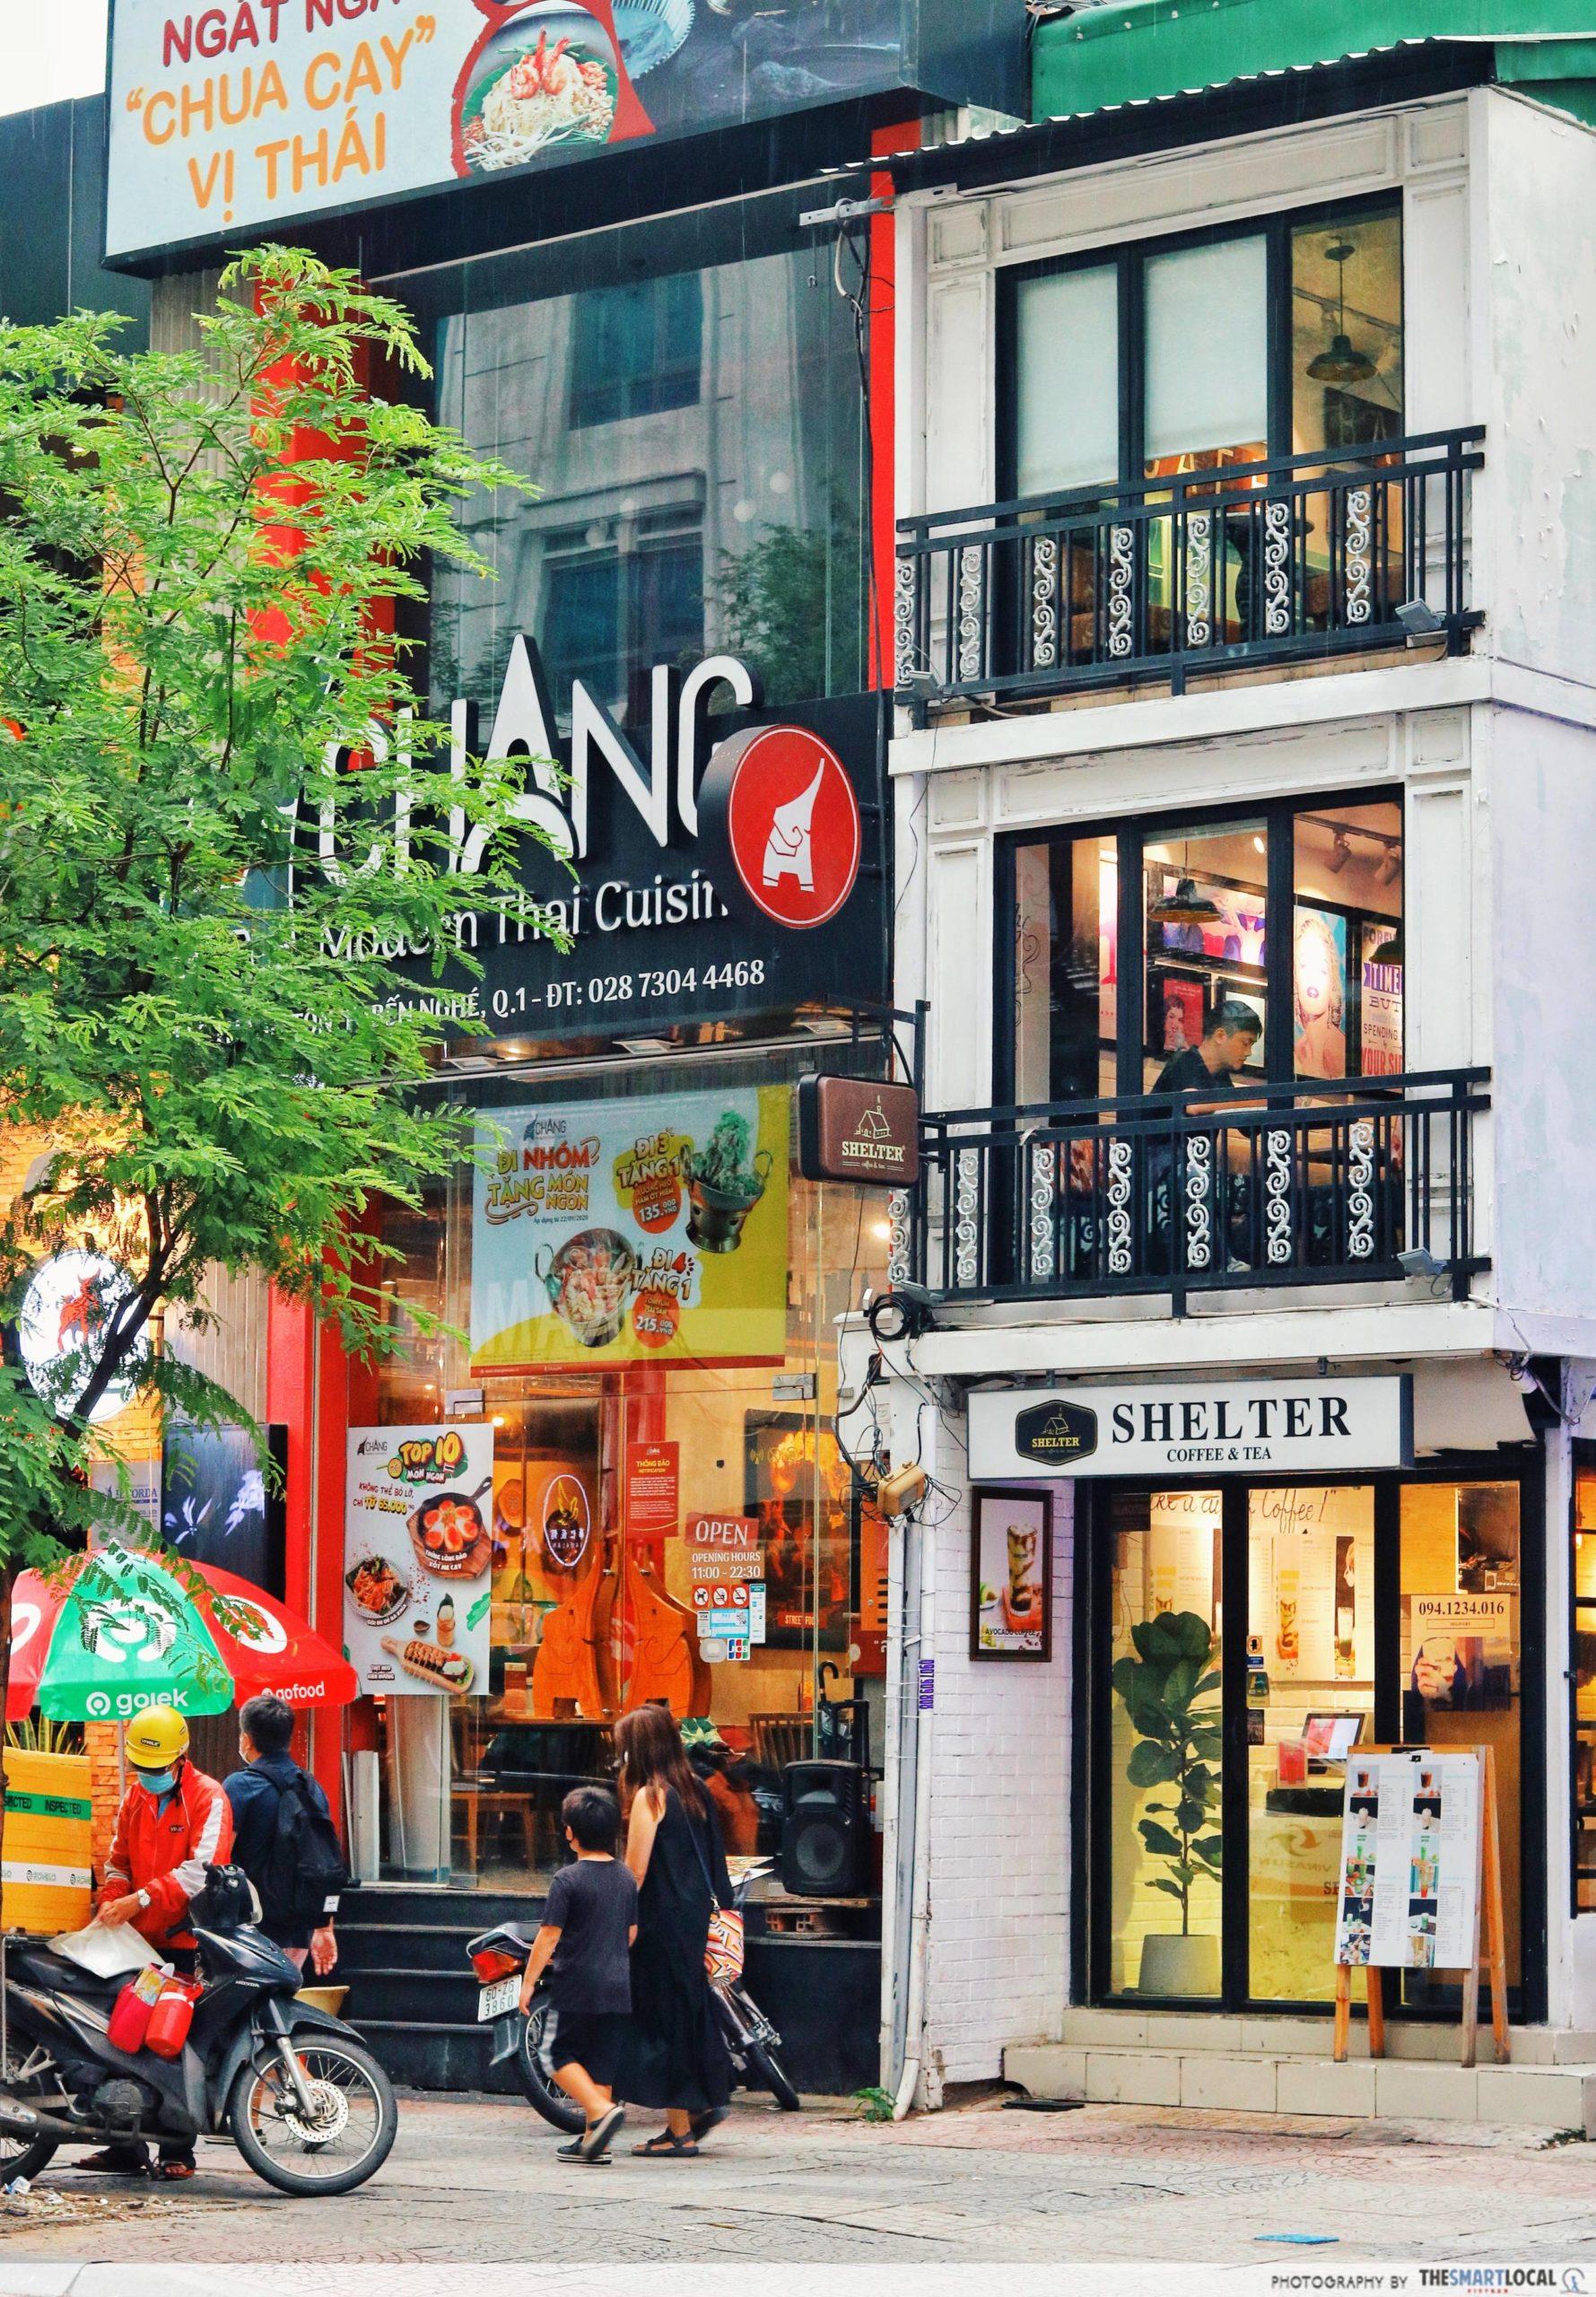 Le Thanh Ton street